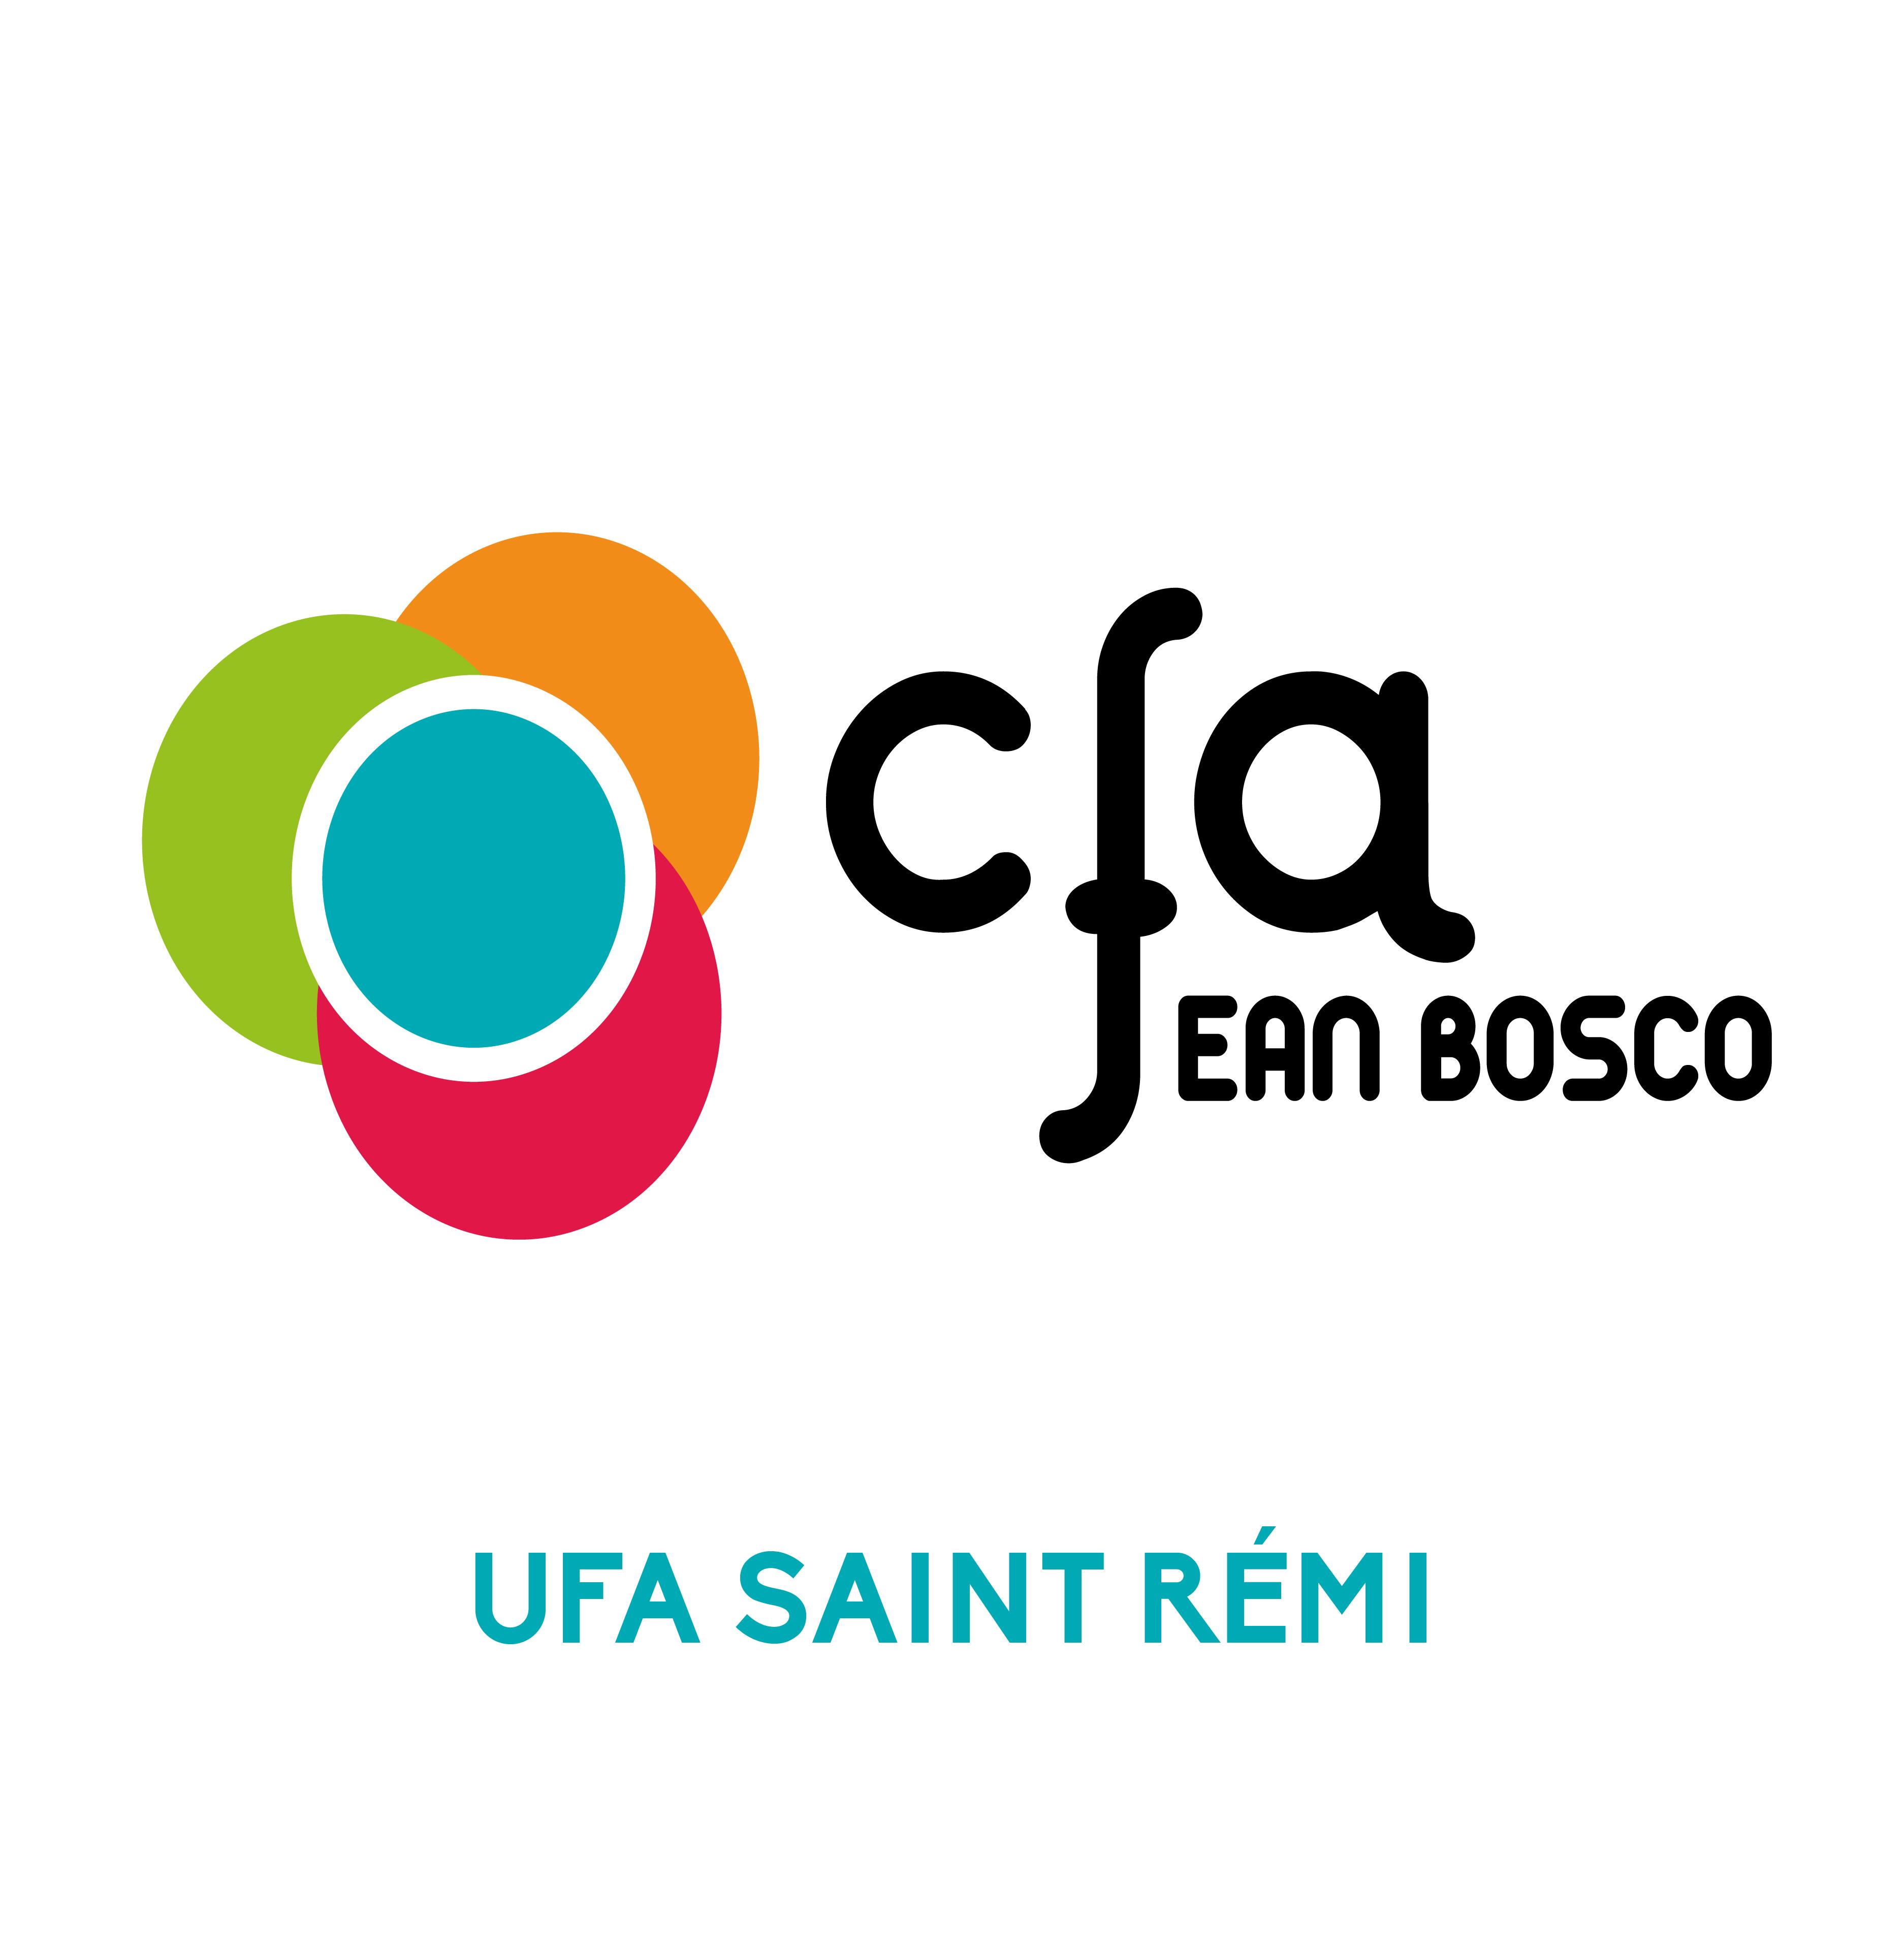 LOGO CFA-SAINT-REMI